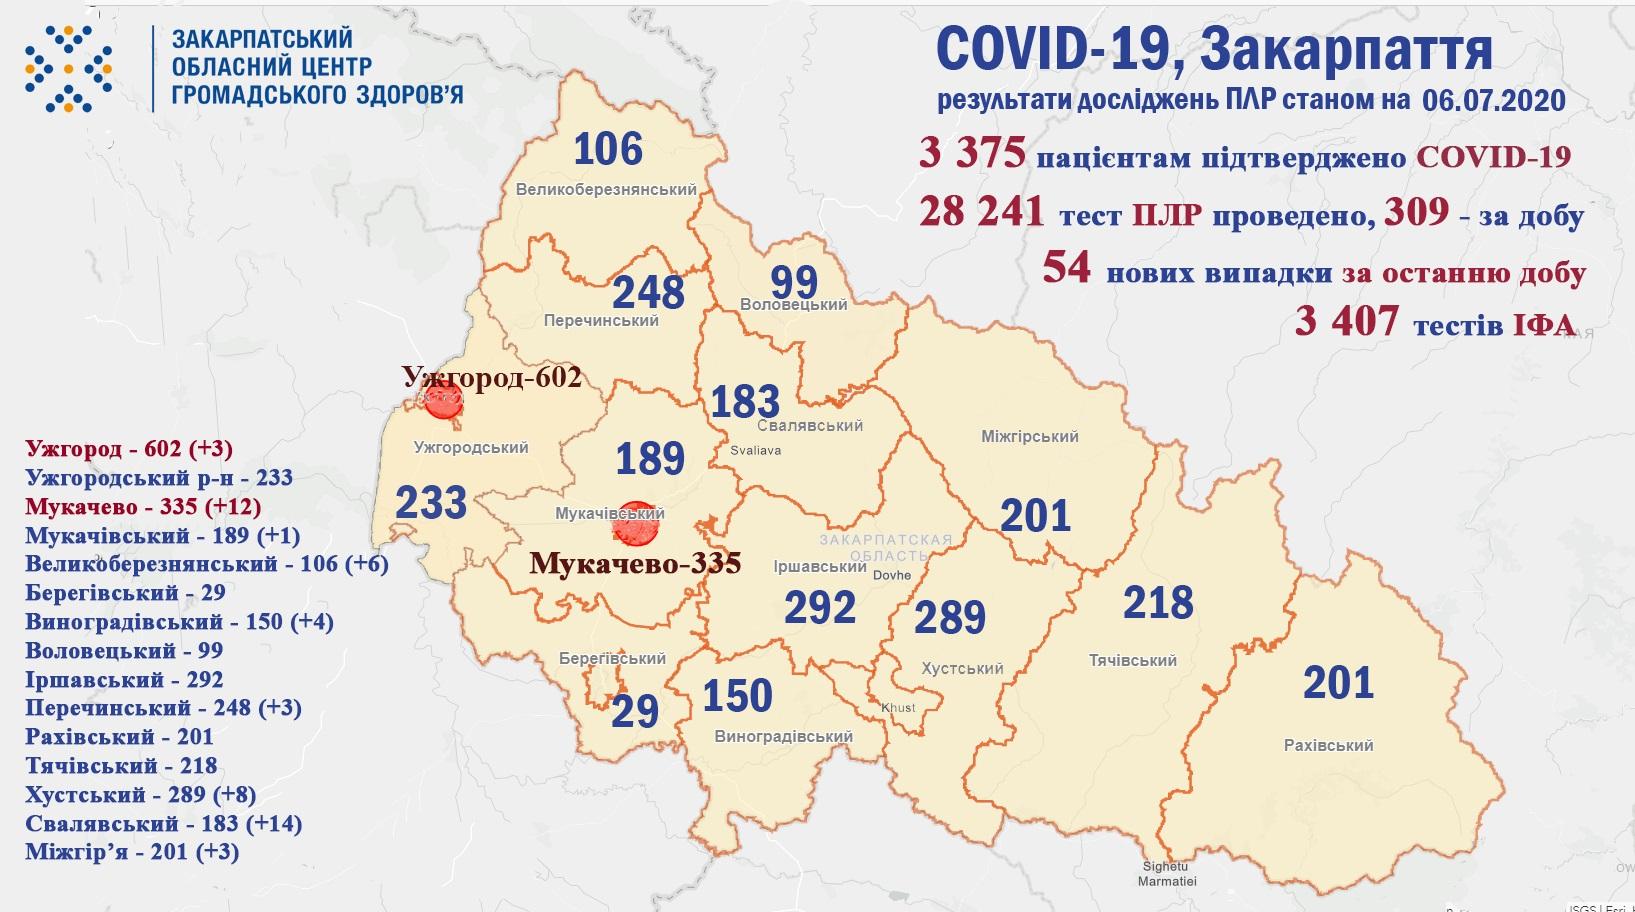 54 випадки COVID-19 виявлено на Закарпатті за добу та троє пацієнтів померло